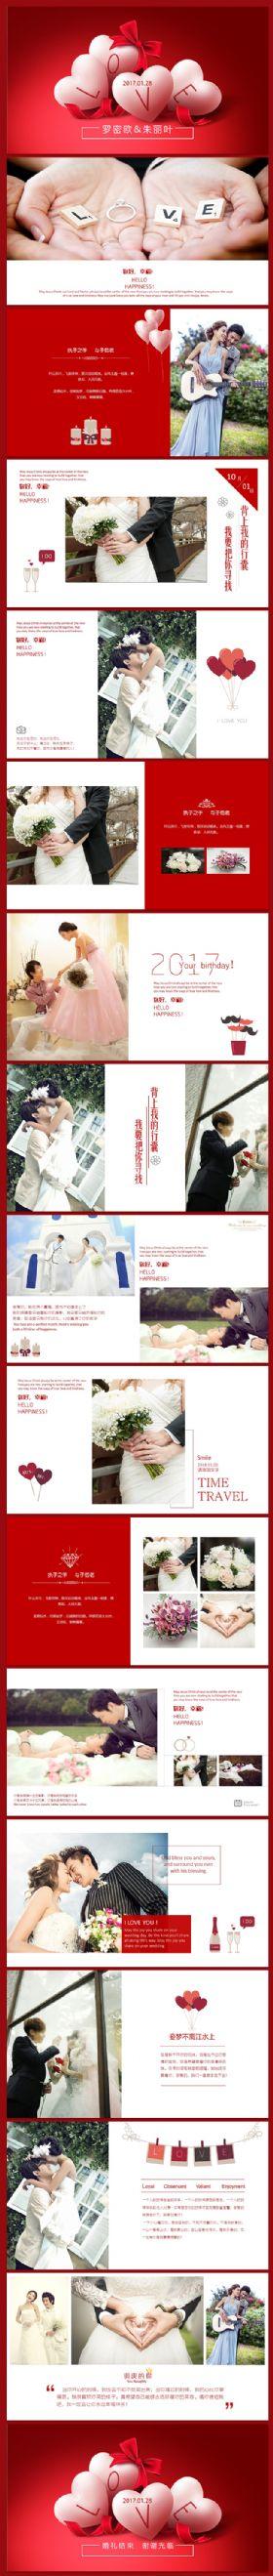 喜庆梦幻高端婚礼结婚PPT模板